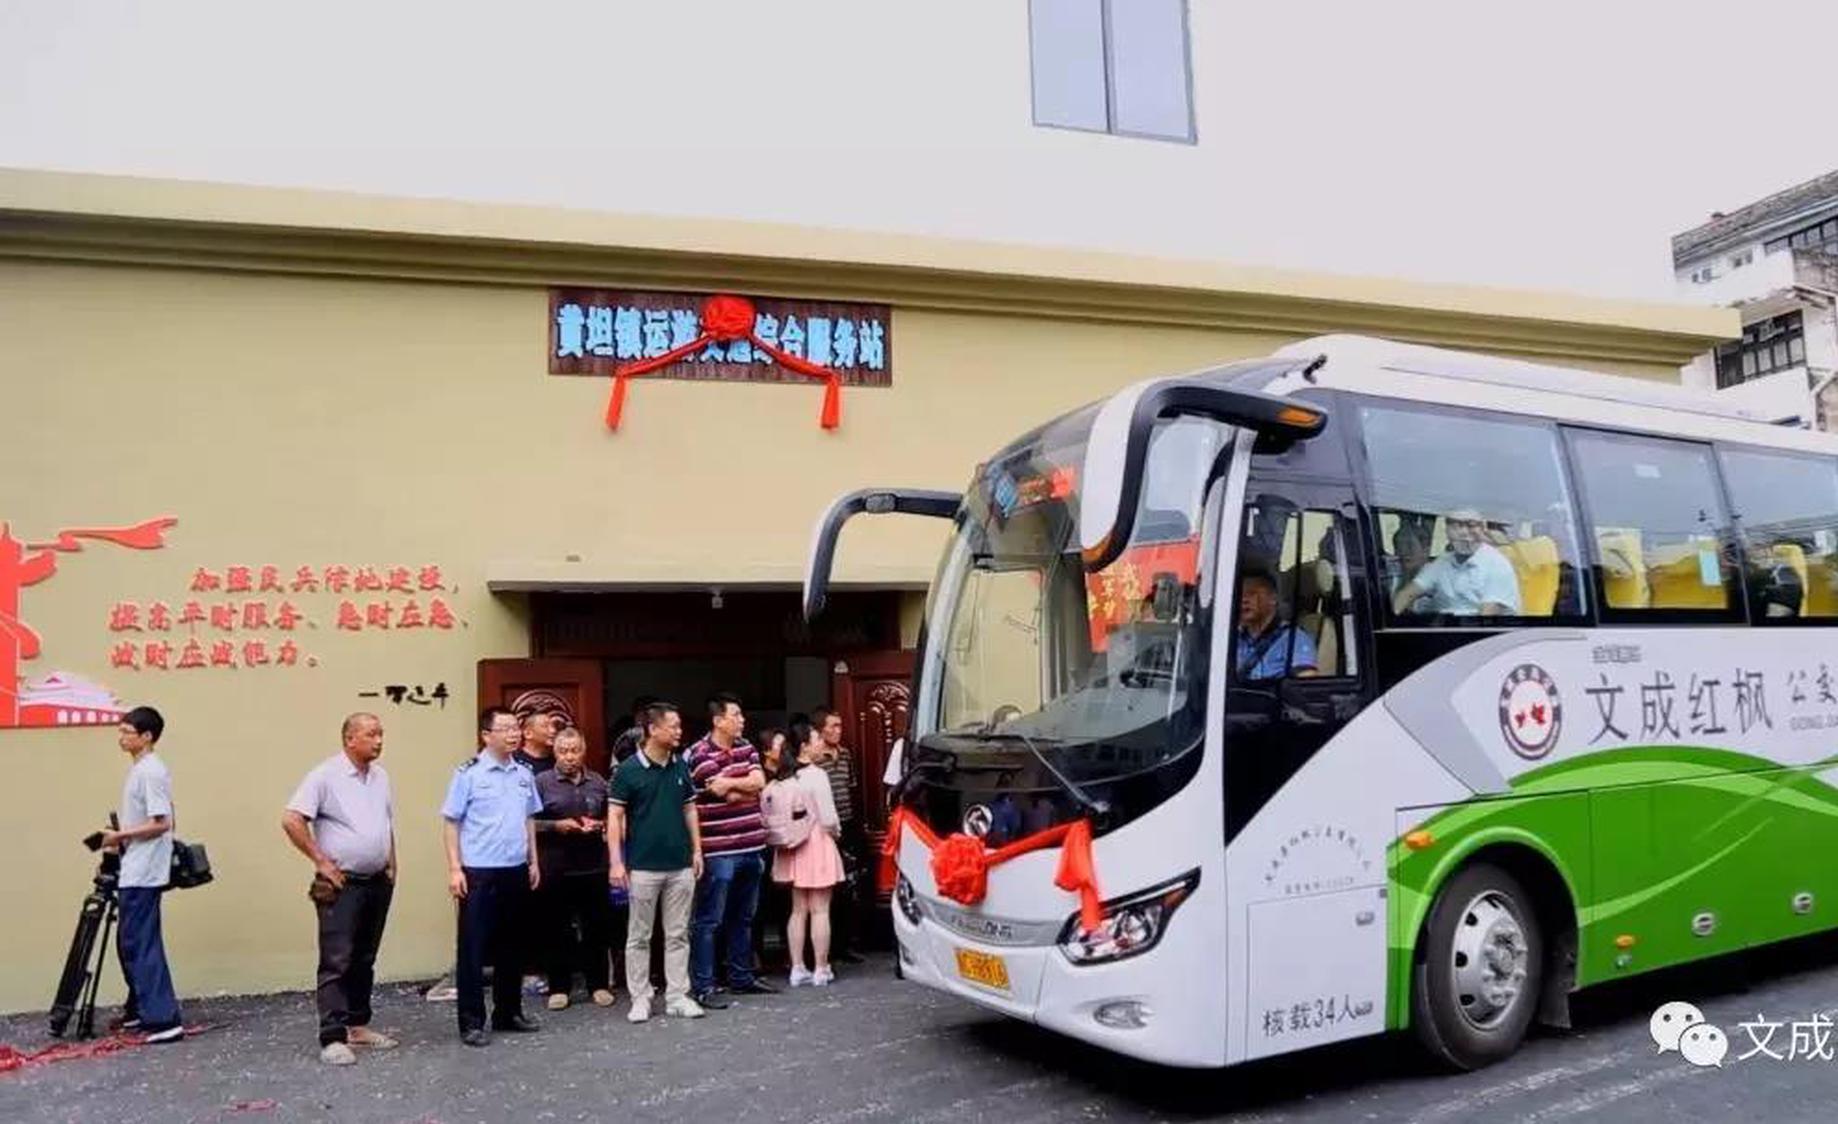 文成县城乡公交最新调整方案公布 并新增一条线路